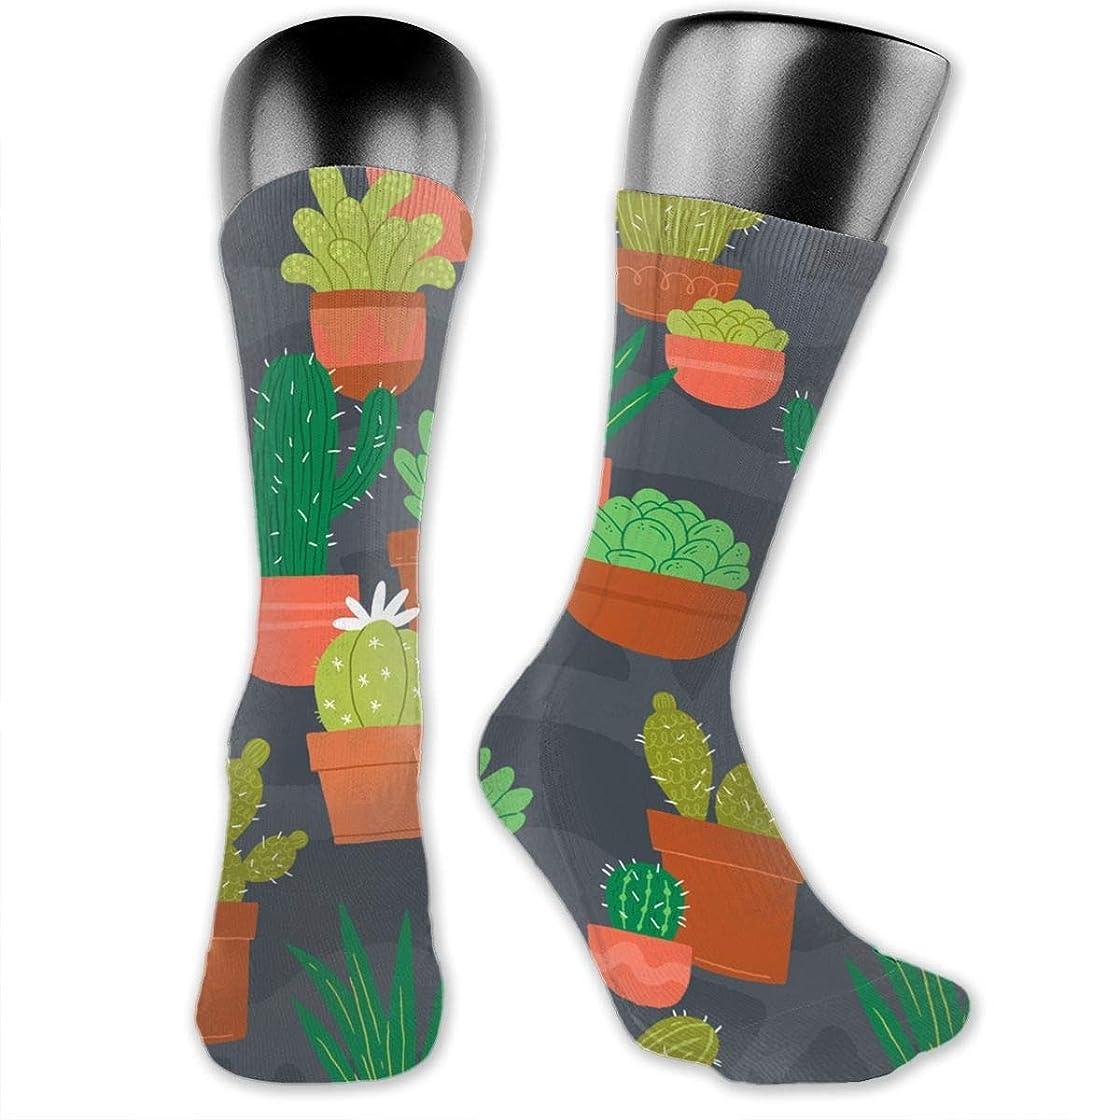 ローマ人ファランクスおいしいMKLOS 通気性 圧縮ソックス Breathable Thigh High Socks Over Exotic Psychedelic Print Compression High Tube Thigh Boot Stockings Knee High Yak Repeat Stockings Women Girl